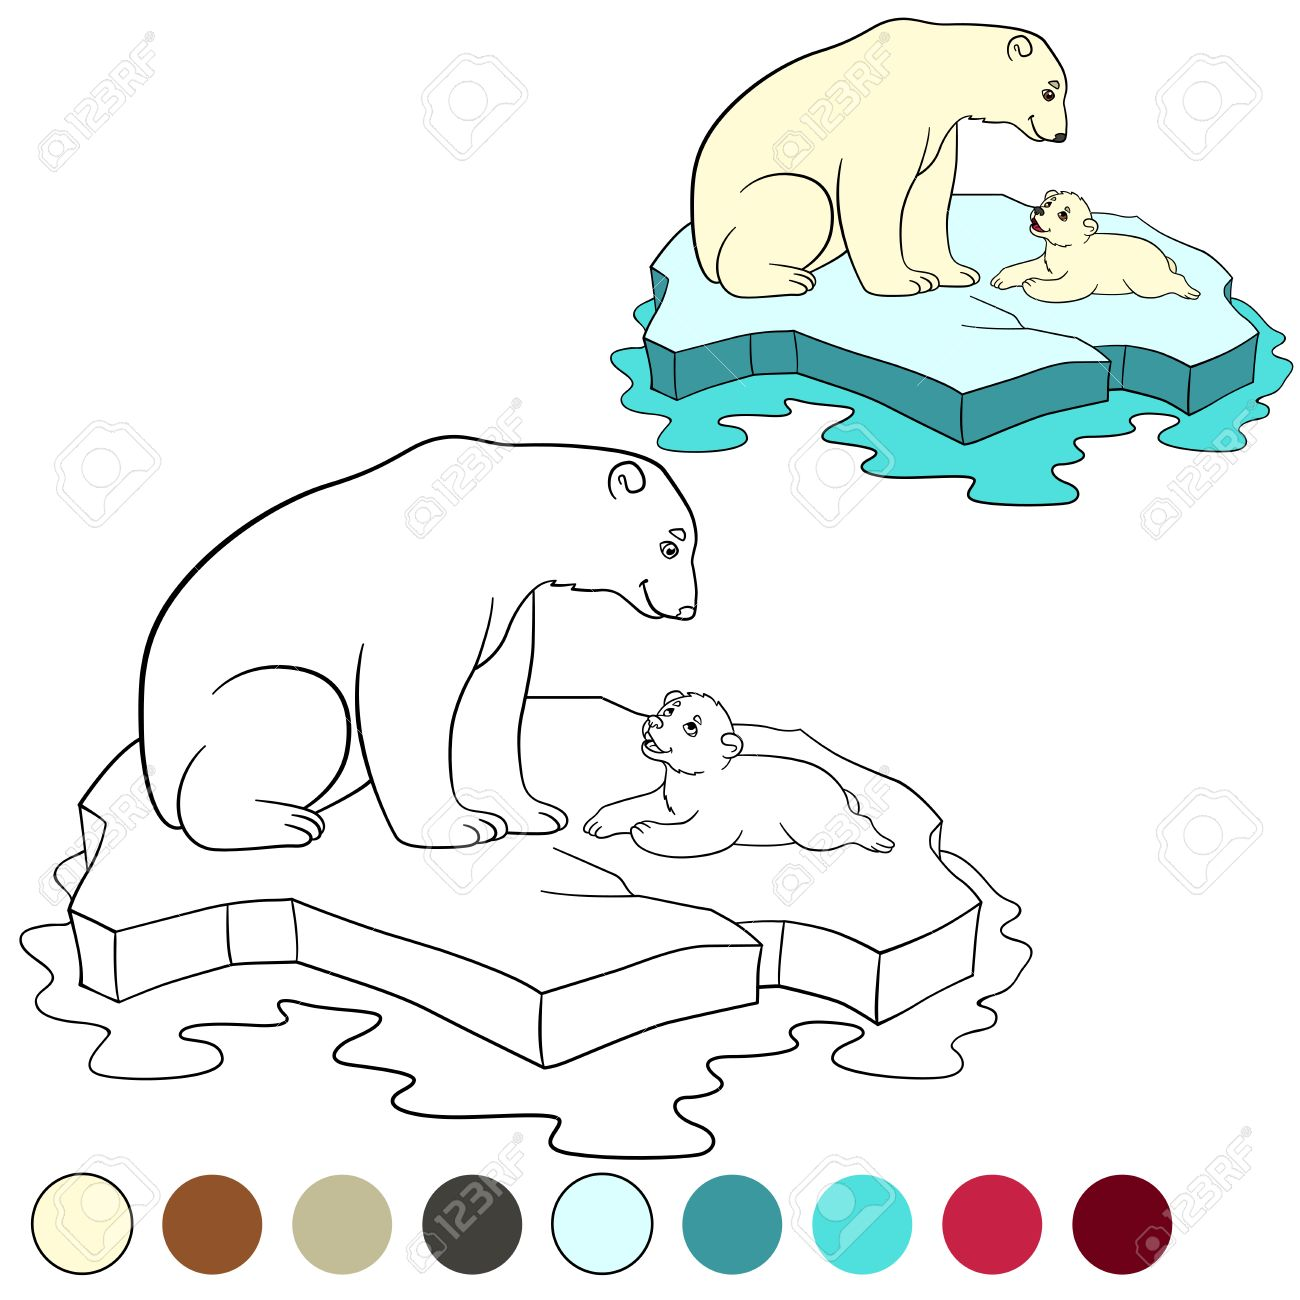 Dibujo Para Colorear. Madre Del Oso Polar Se Sienta En El Témpano De ...